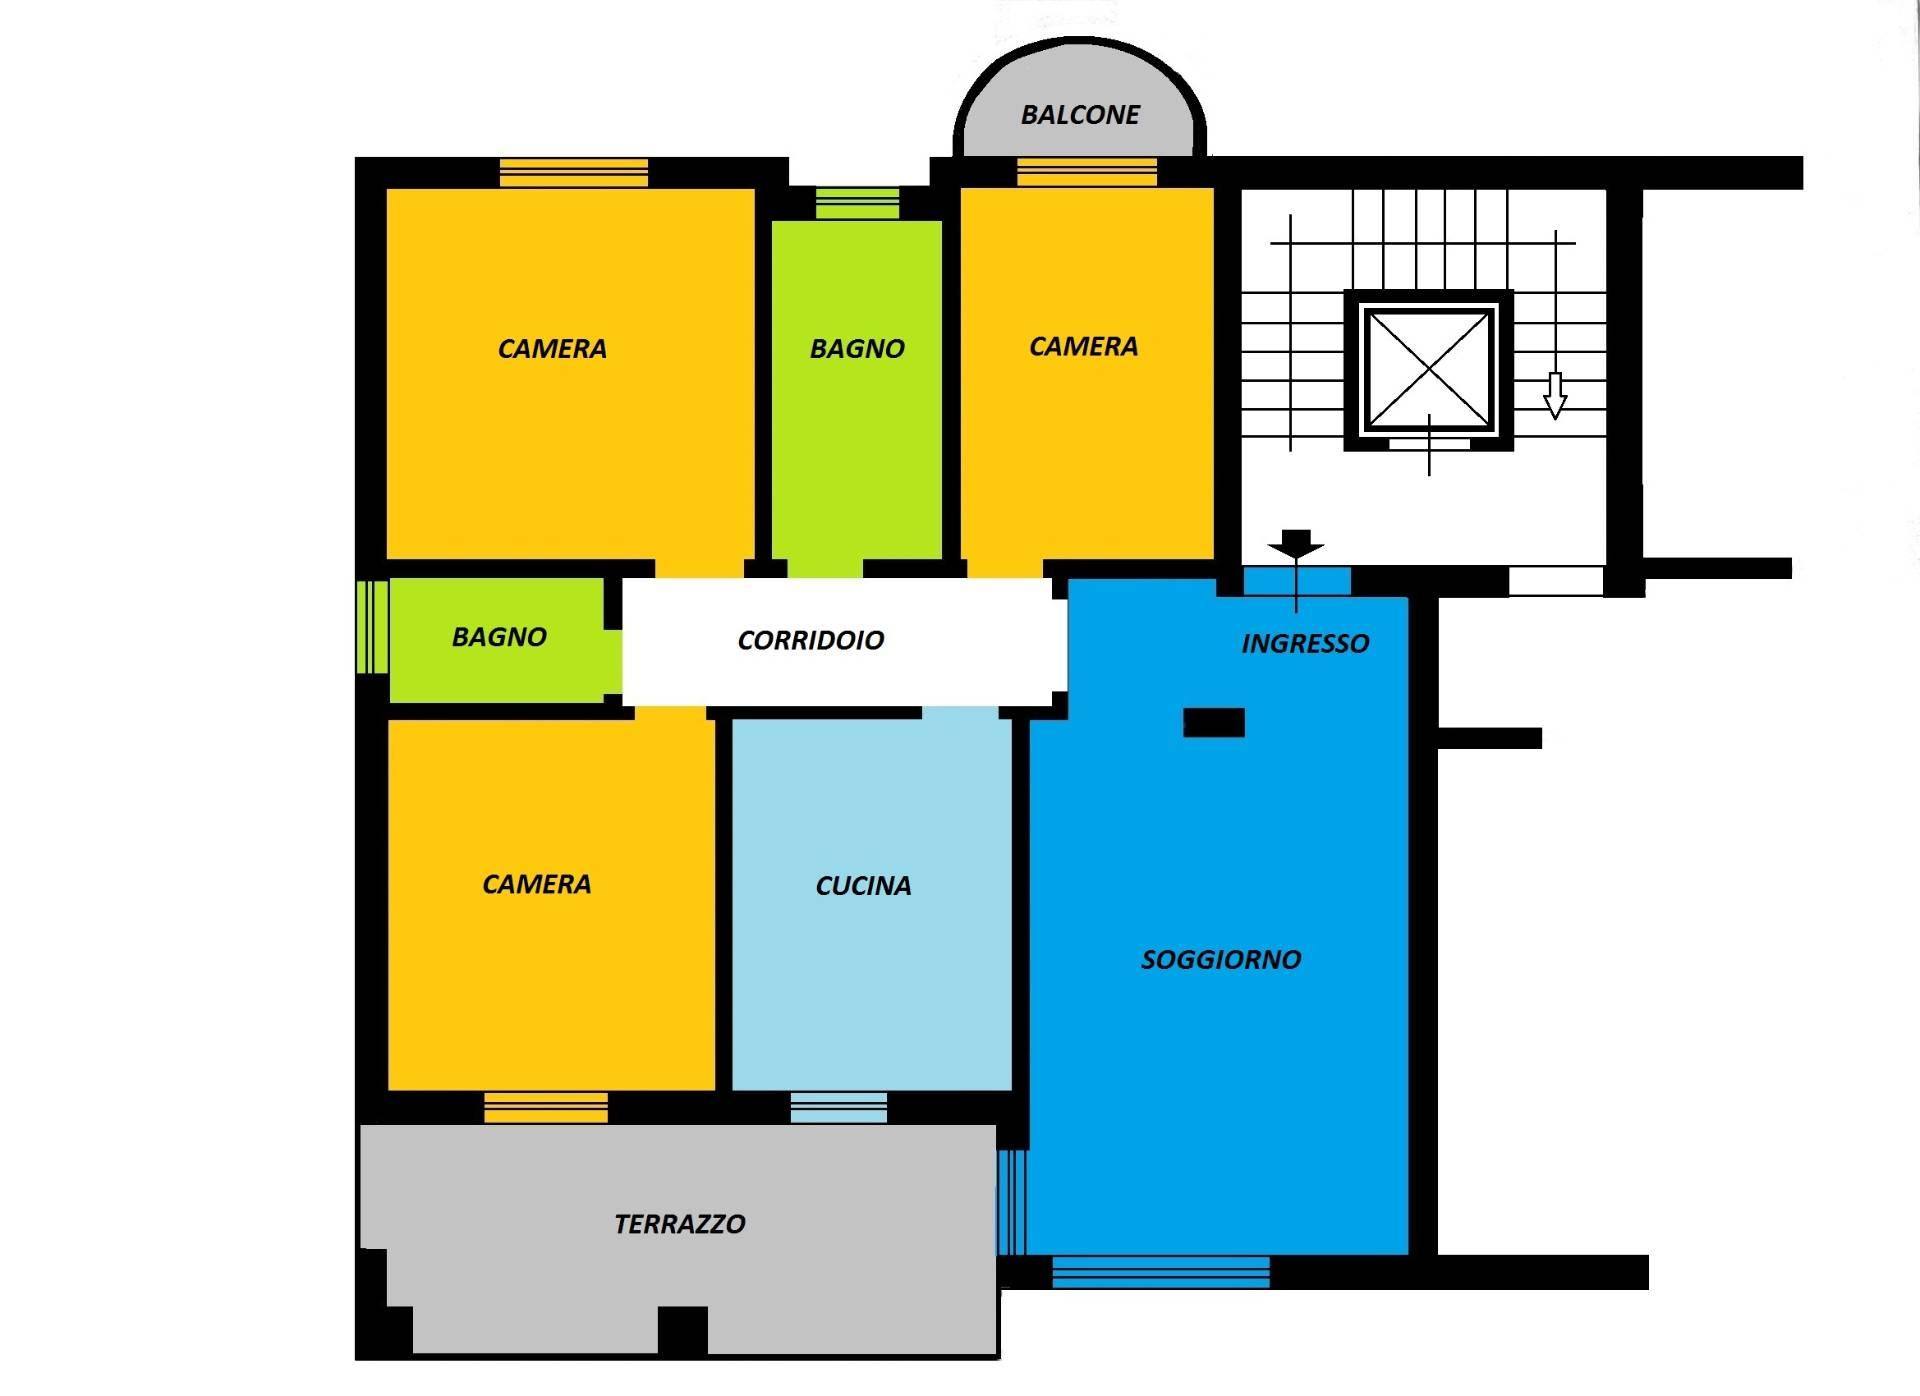 Appartamento in vendita a Ascoli Piceno, 5 locali, zona Zona: Monticelli, prezzo € 150.000 | Cambio Casa.it